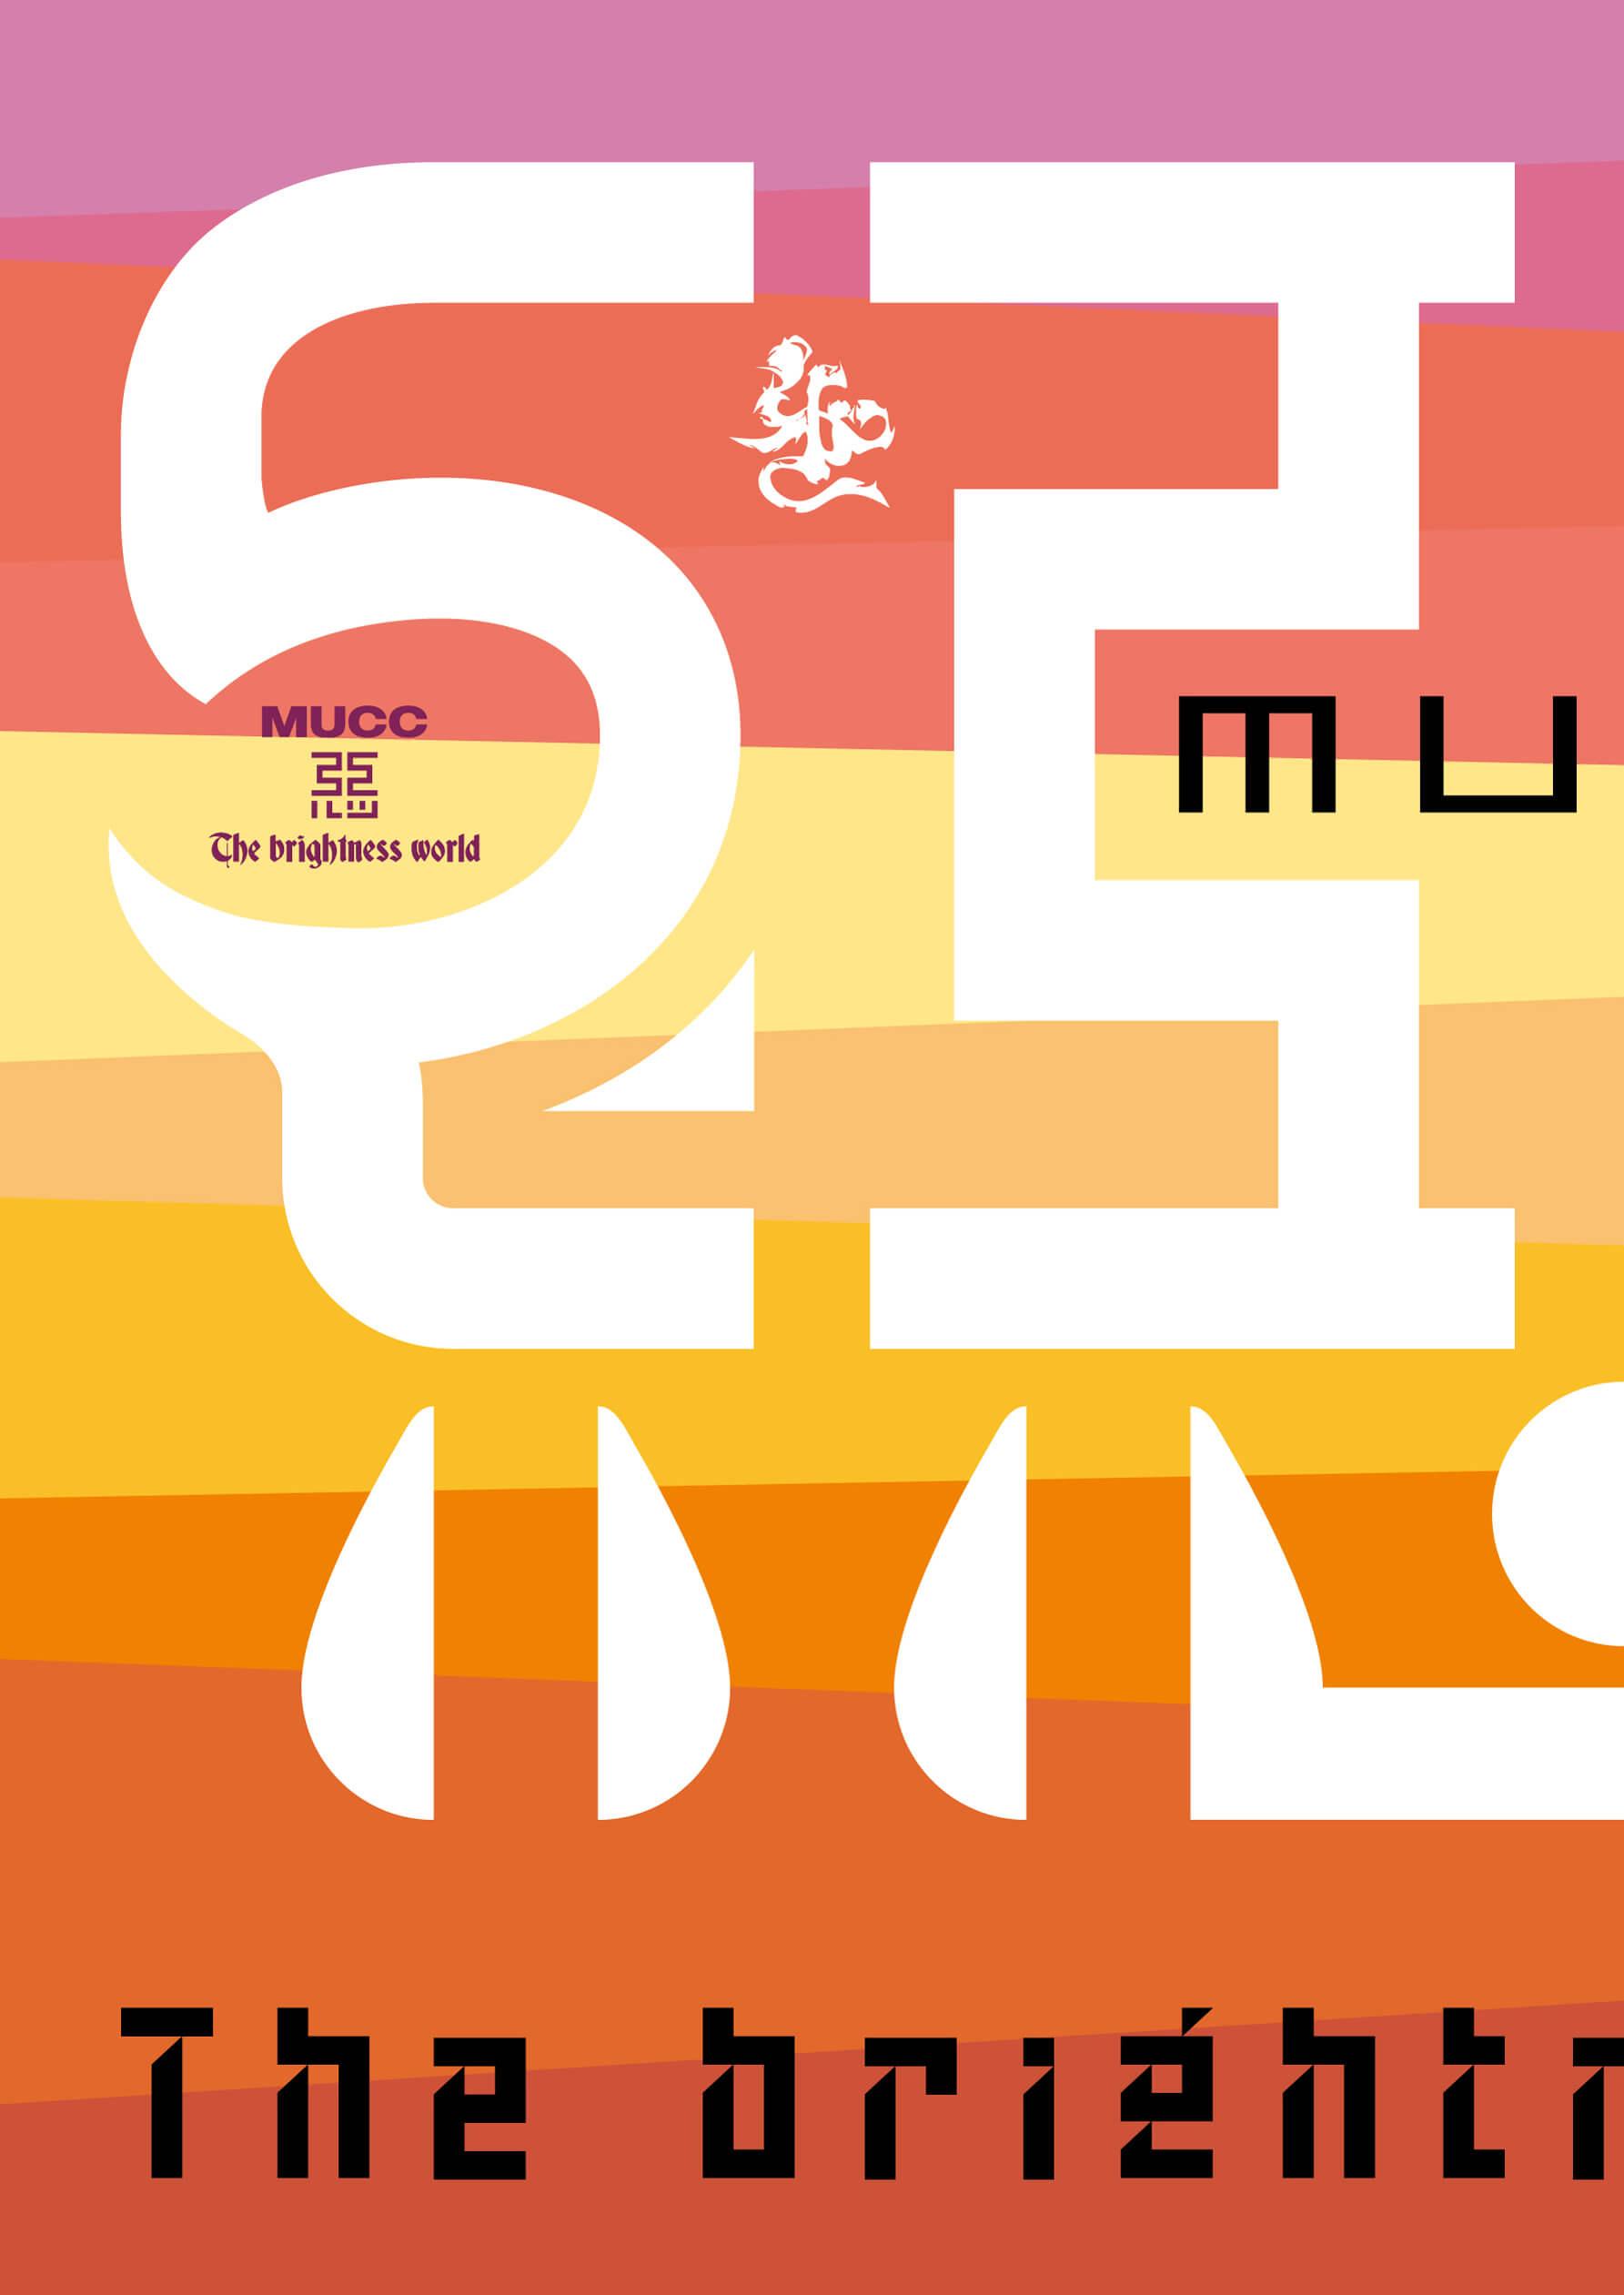 6/9(火)発売 MUCC/惡-The brightness world 通常盤 (DVD)【anysee.jp限定特典 プリントチェキ4種中1種ランダム】